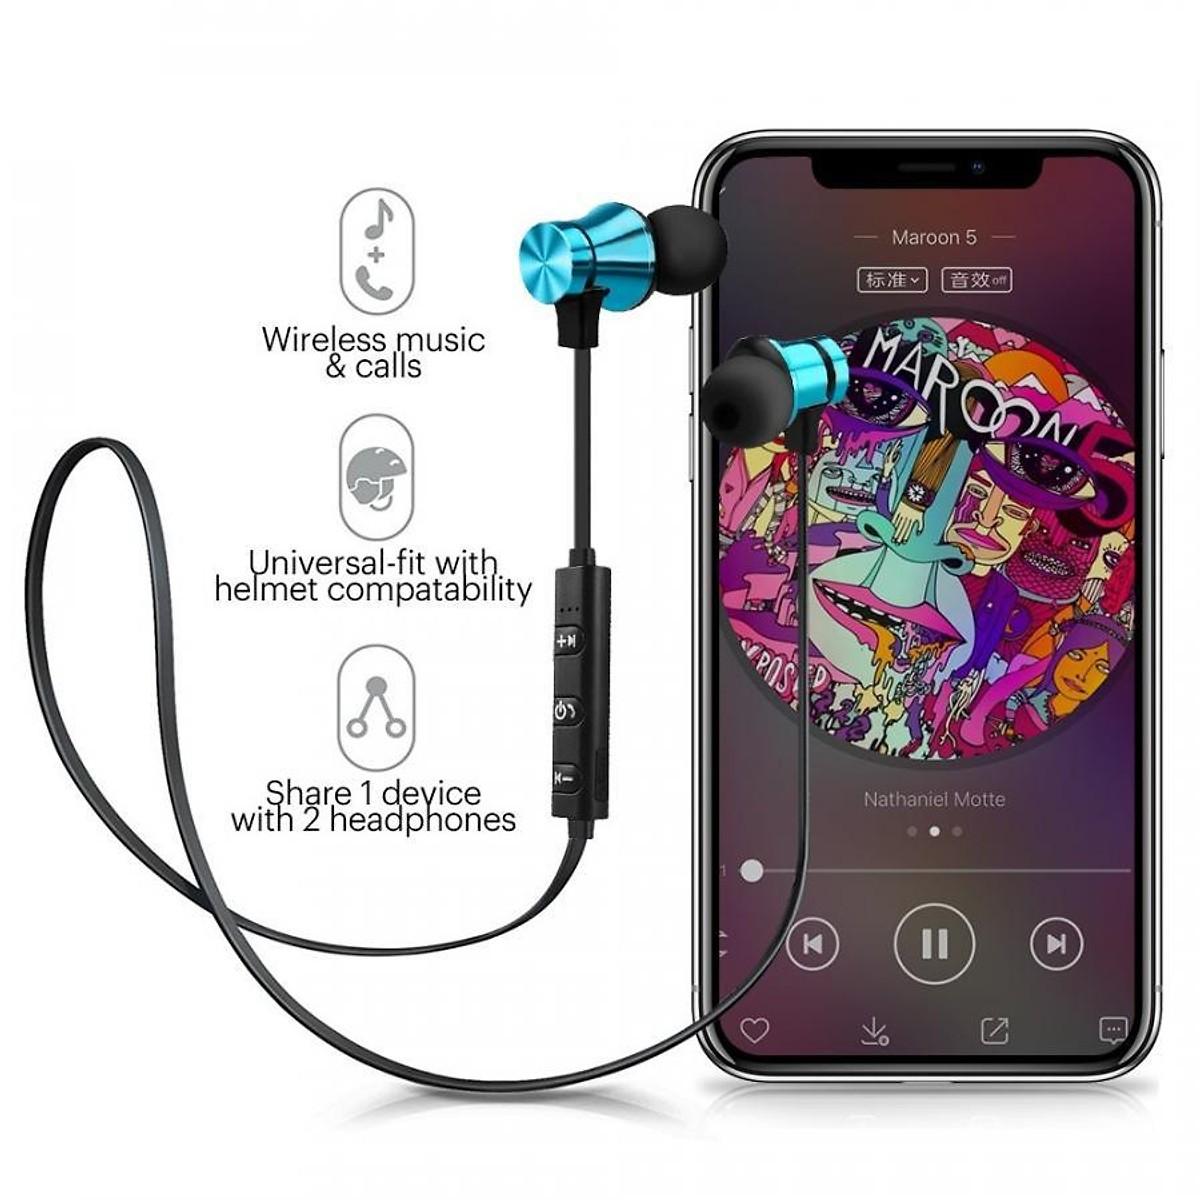 Tai Nghe Bluetooth Nhét Tai Có Dây XT-11 + Tặng Hộp Quẹt Bật Lửa Khò Mỏ Vịt Cao Cấp ( Màu Ngẫu Nhiên)